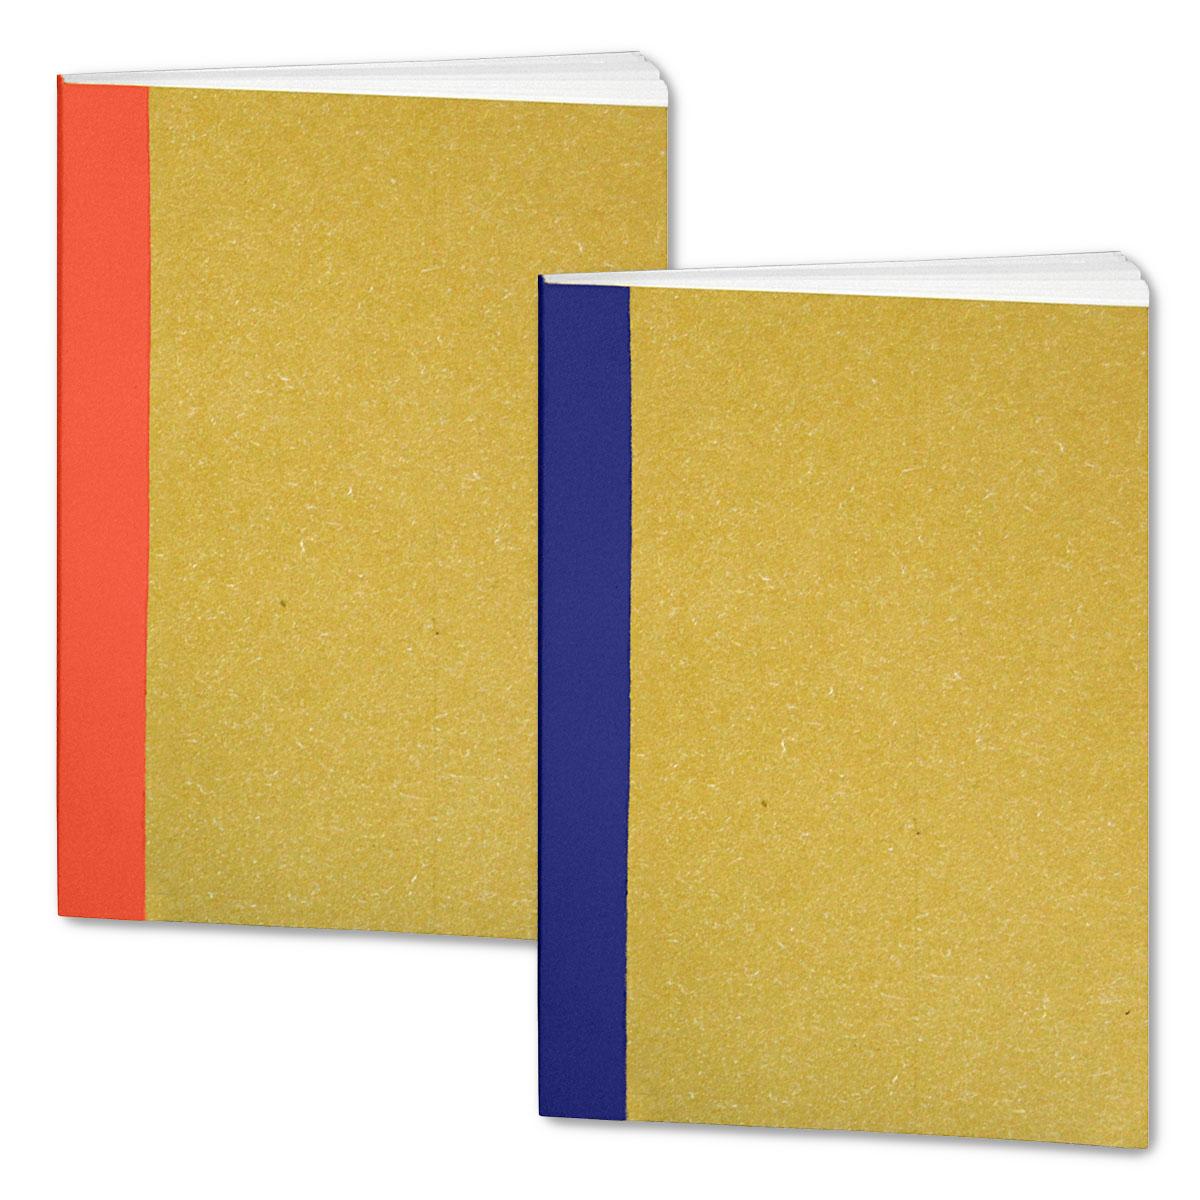 Flexible Notiz- und Skizzenbücher A5 Image